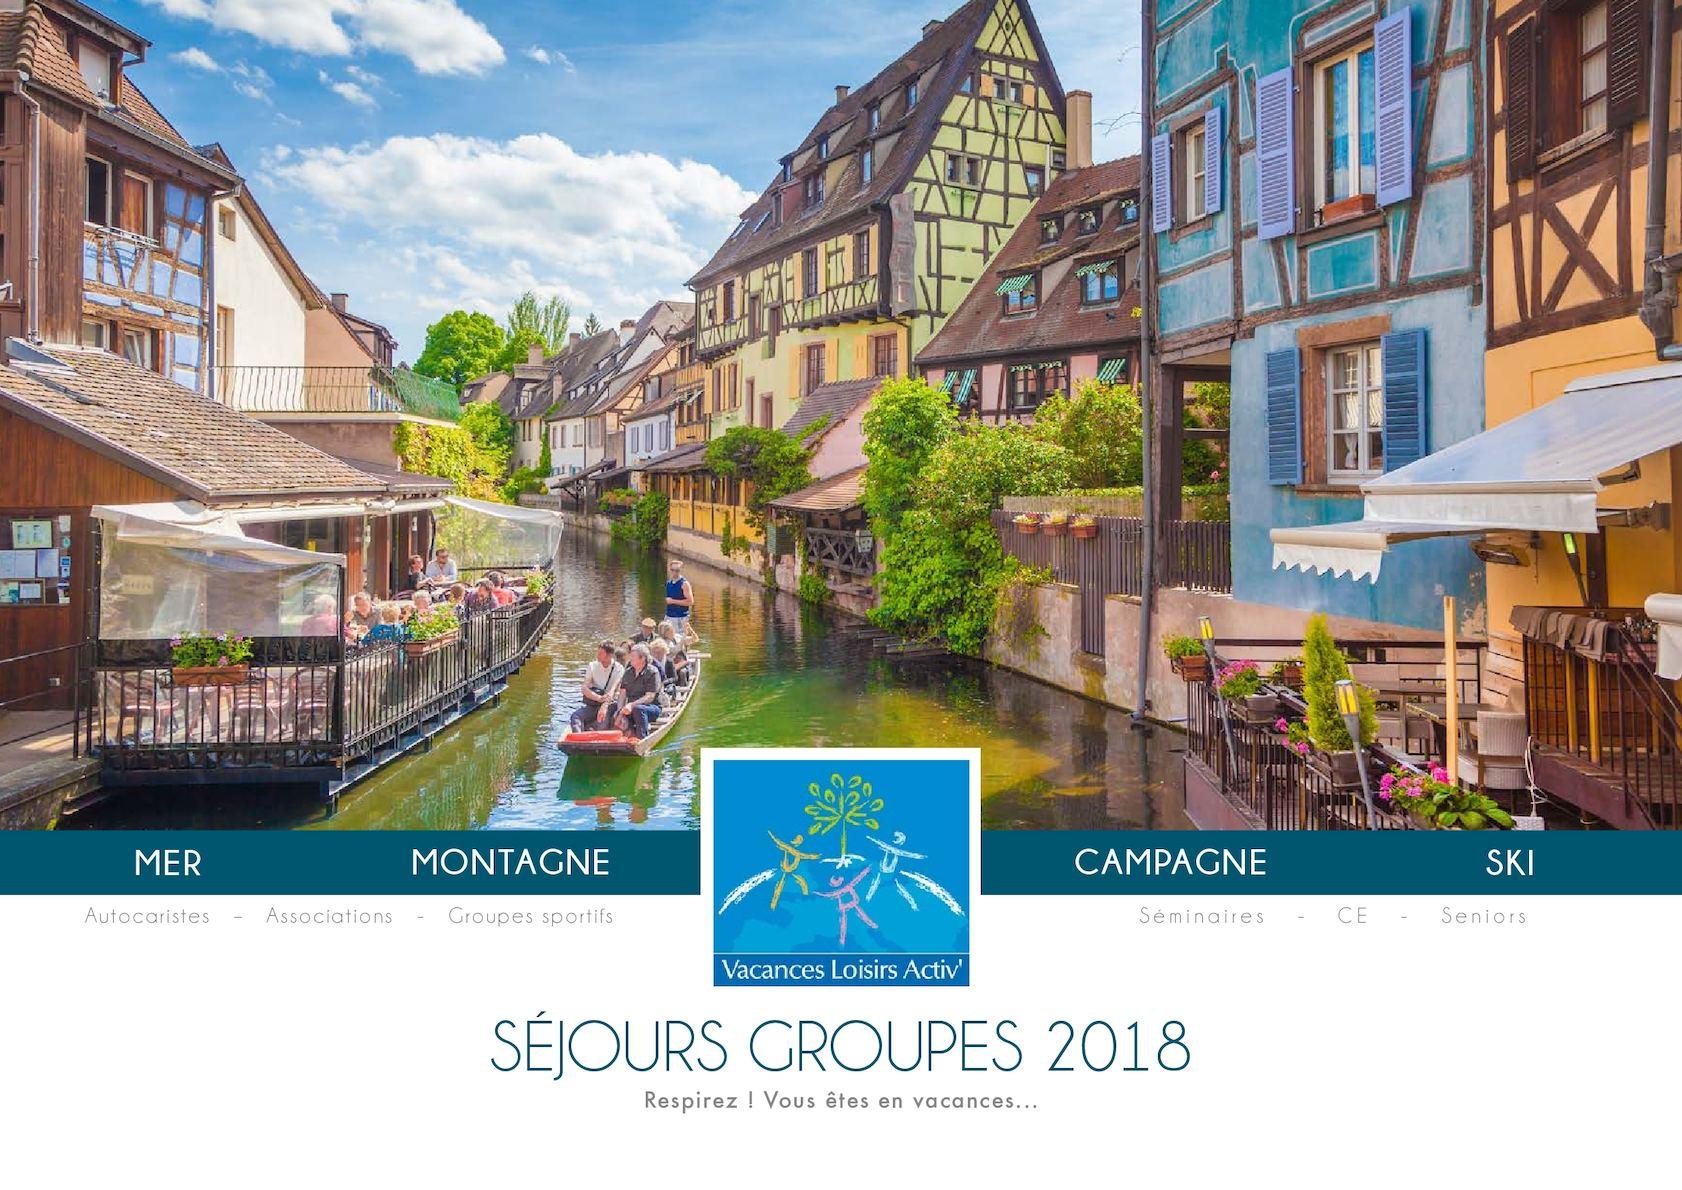 Calam o vacances loisirs activ 39 s jours groupes 2018 - Office du tourisme de champagny en vanoise ...